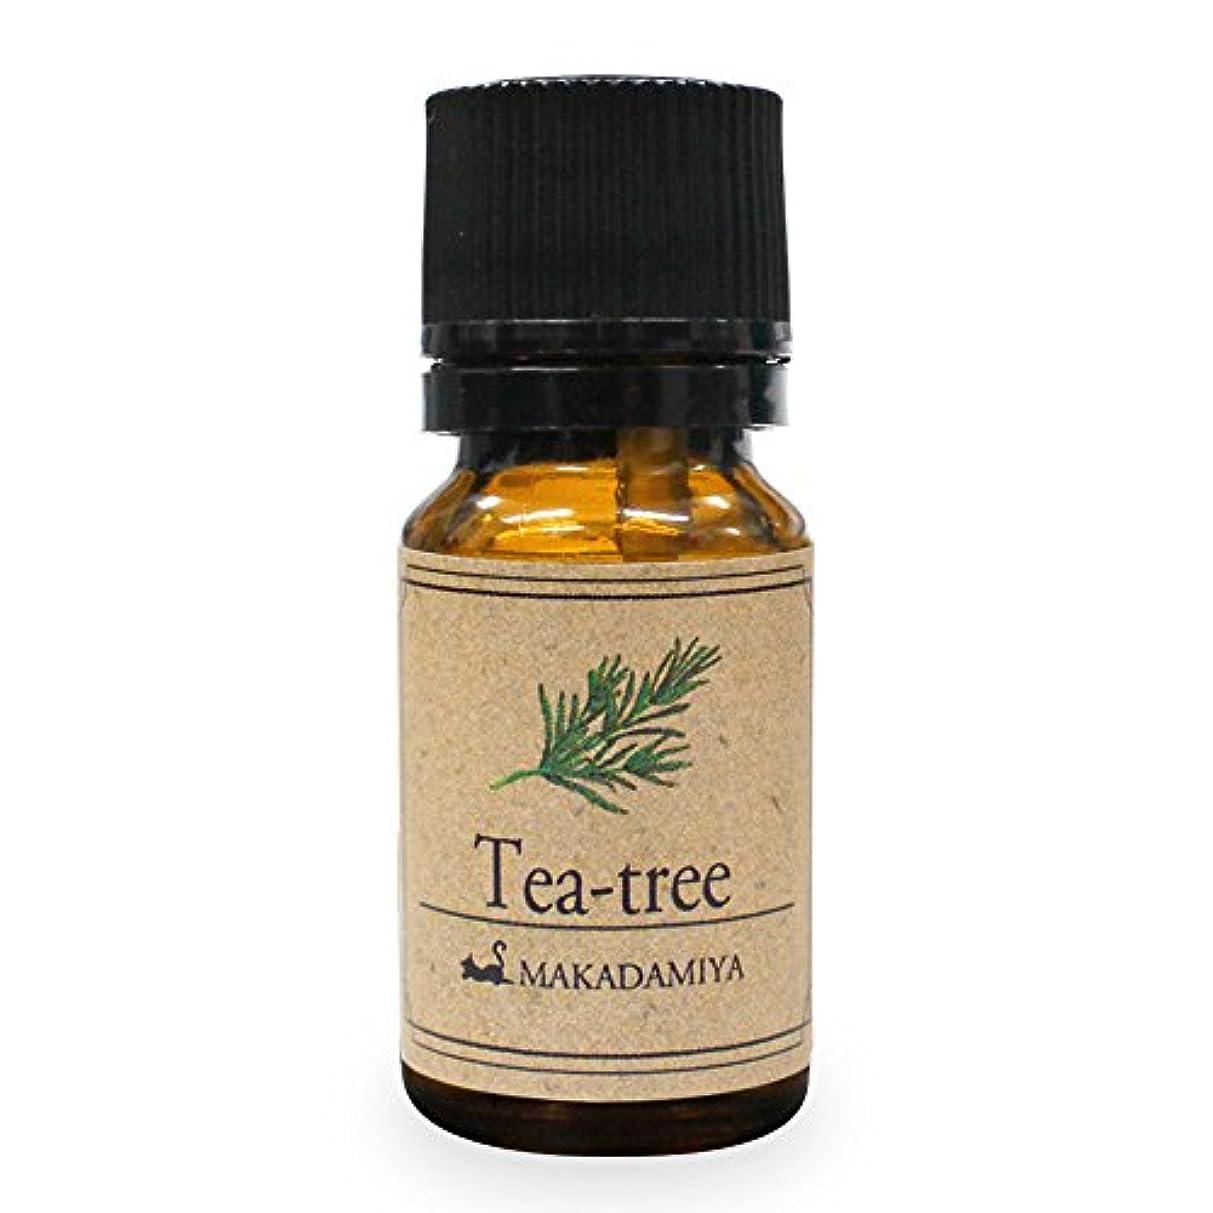 交じるキリスト夢ティーツリー10ml 天然100%植物性 エッセンシャルオイル(精油) アロマオイル アロママッサージ aroma Tea-tree